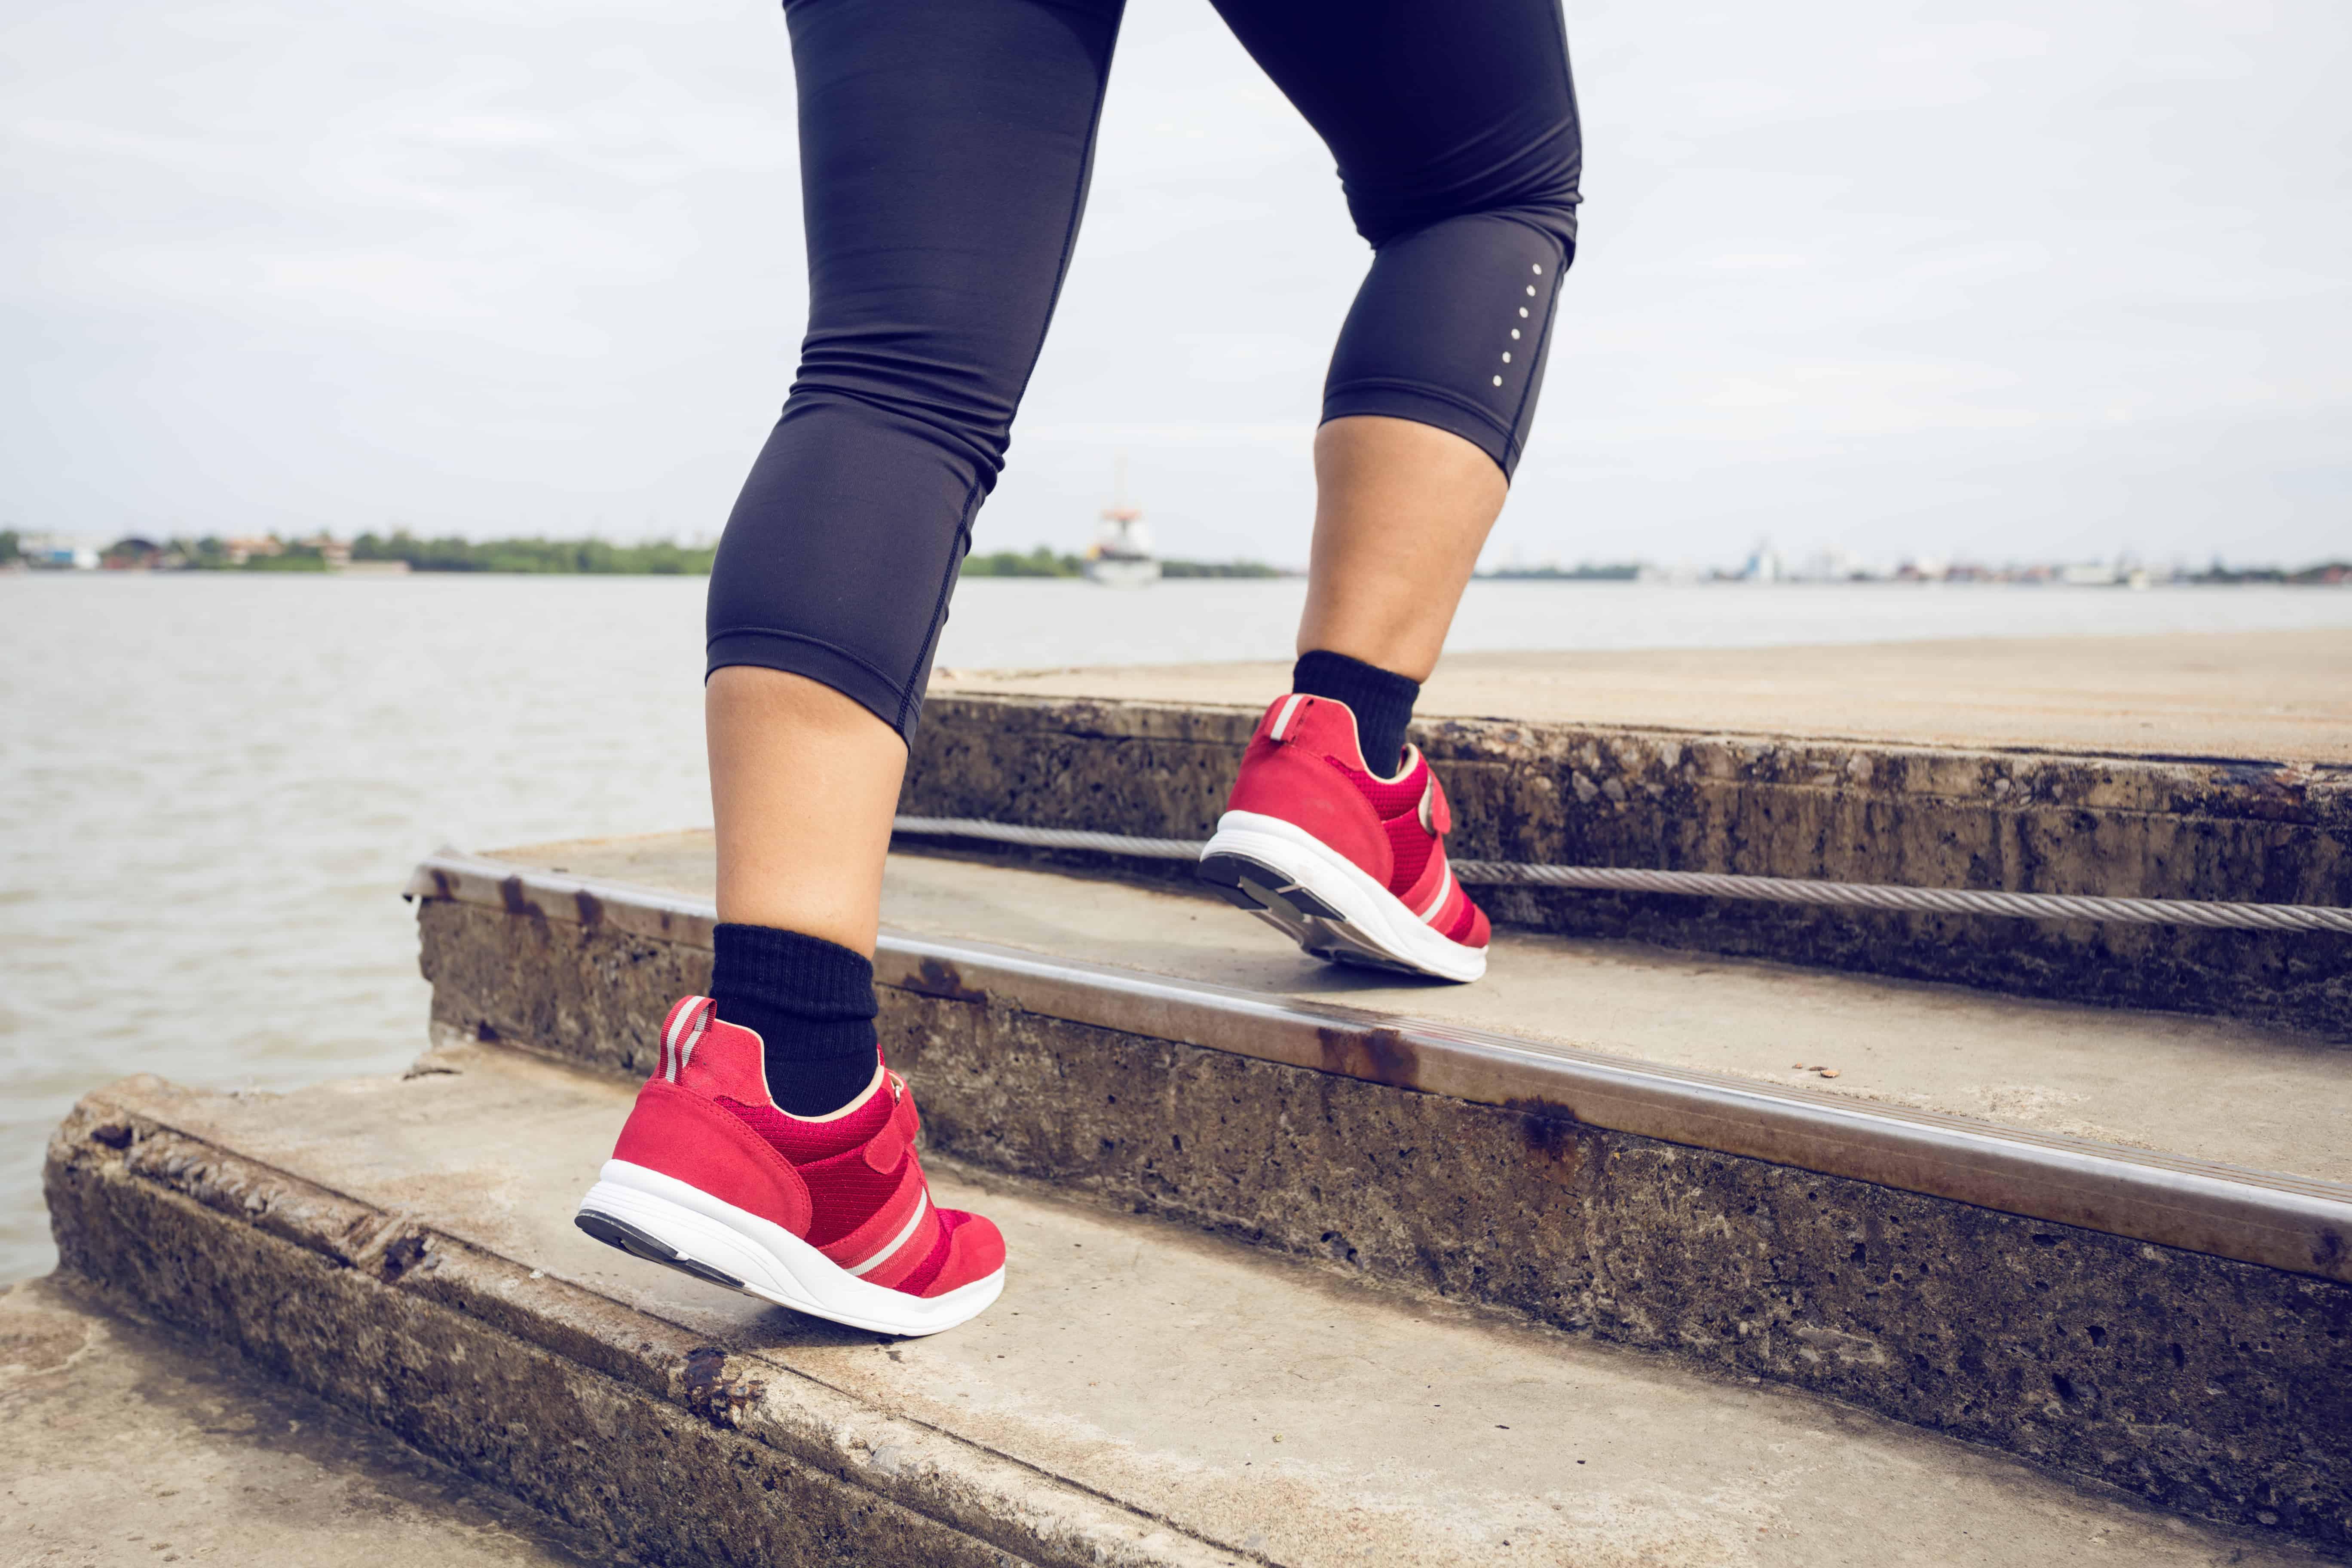 Čo by ste mali vedieť predtým, než začnete pravidelne behávať